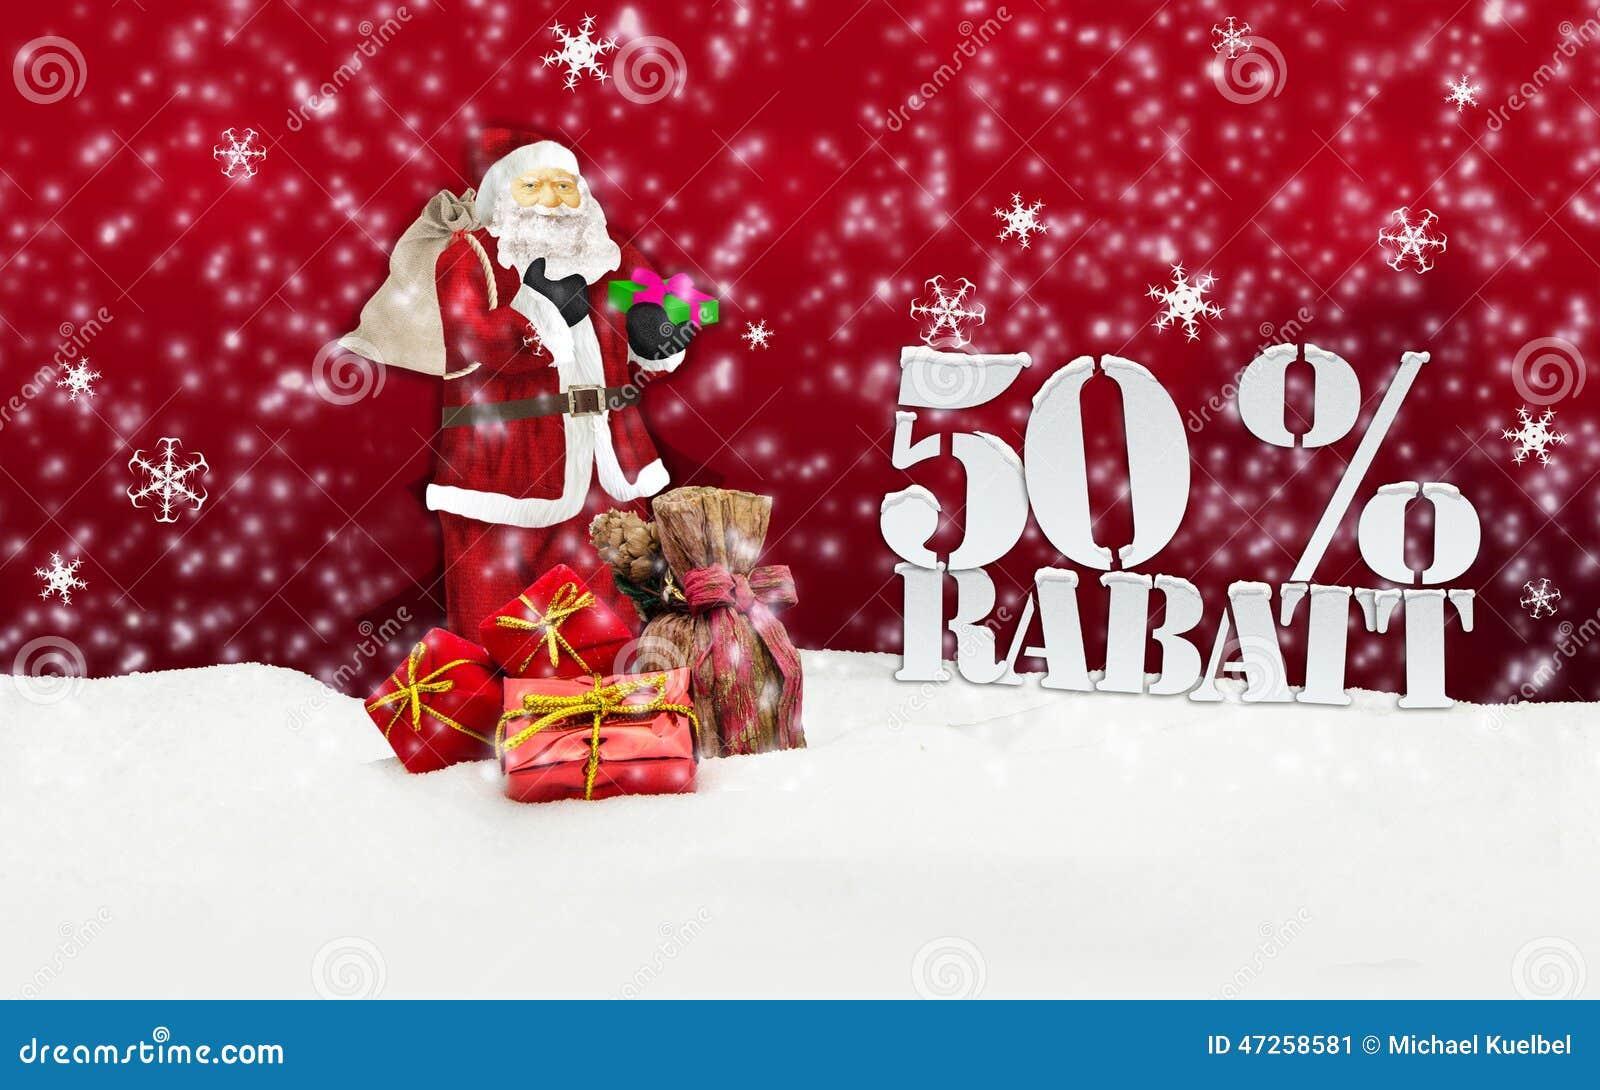 Babbo Natale 50.Il Babbo Natale Buon Natale Uno Sconto Di 50 Per Cento Immagine